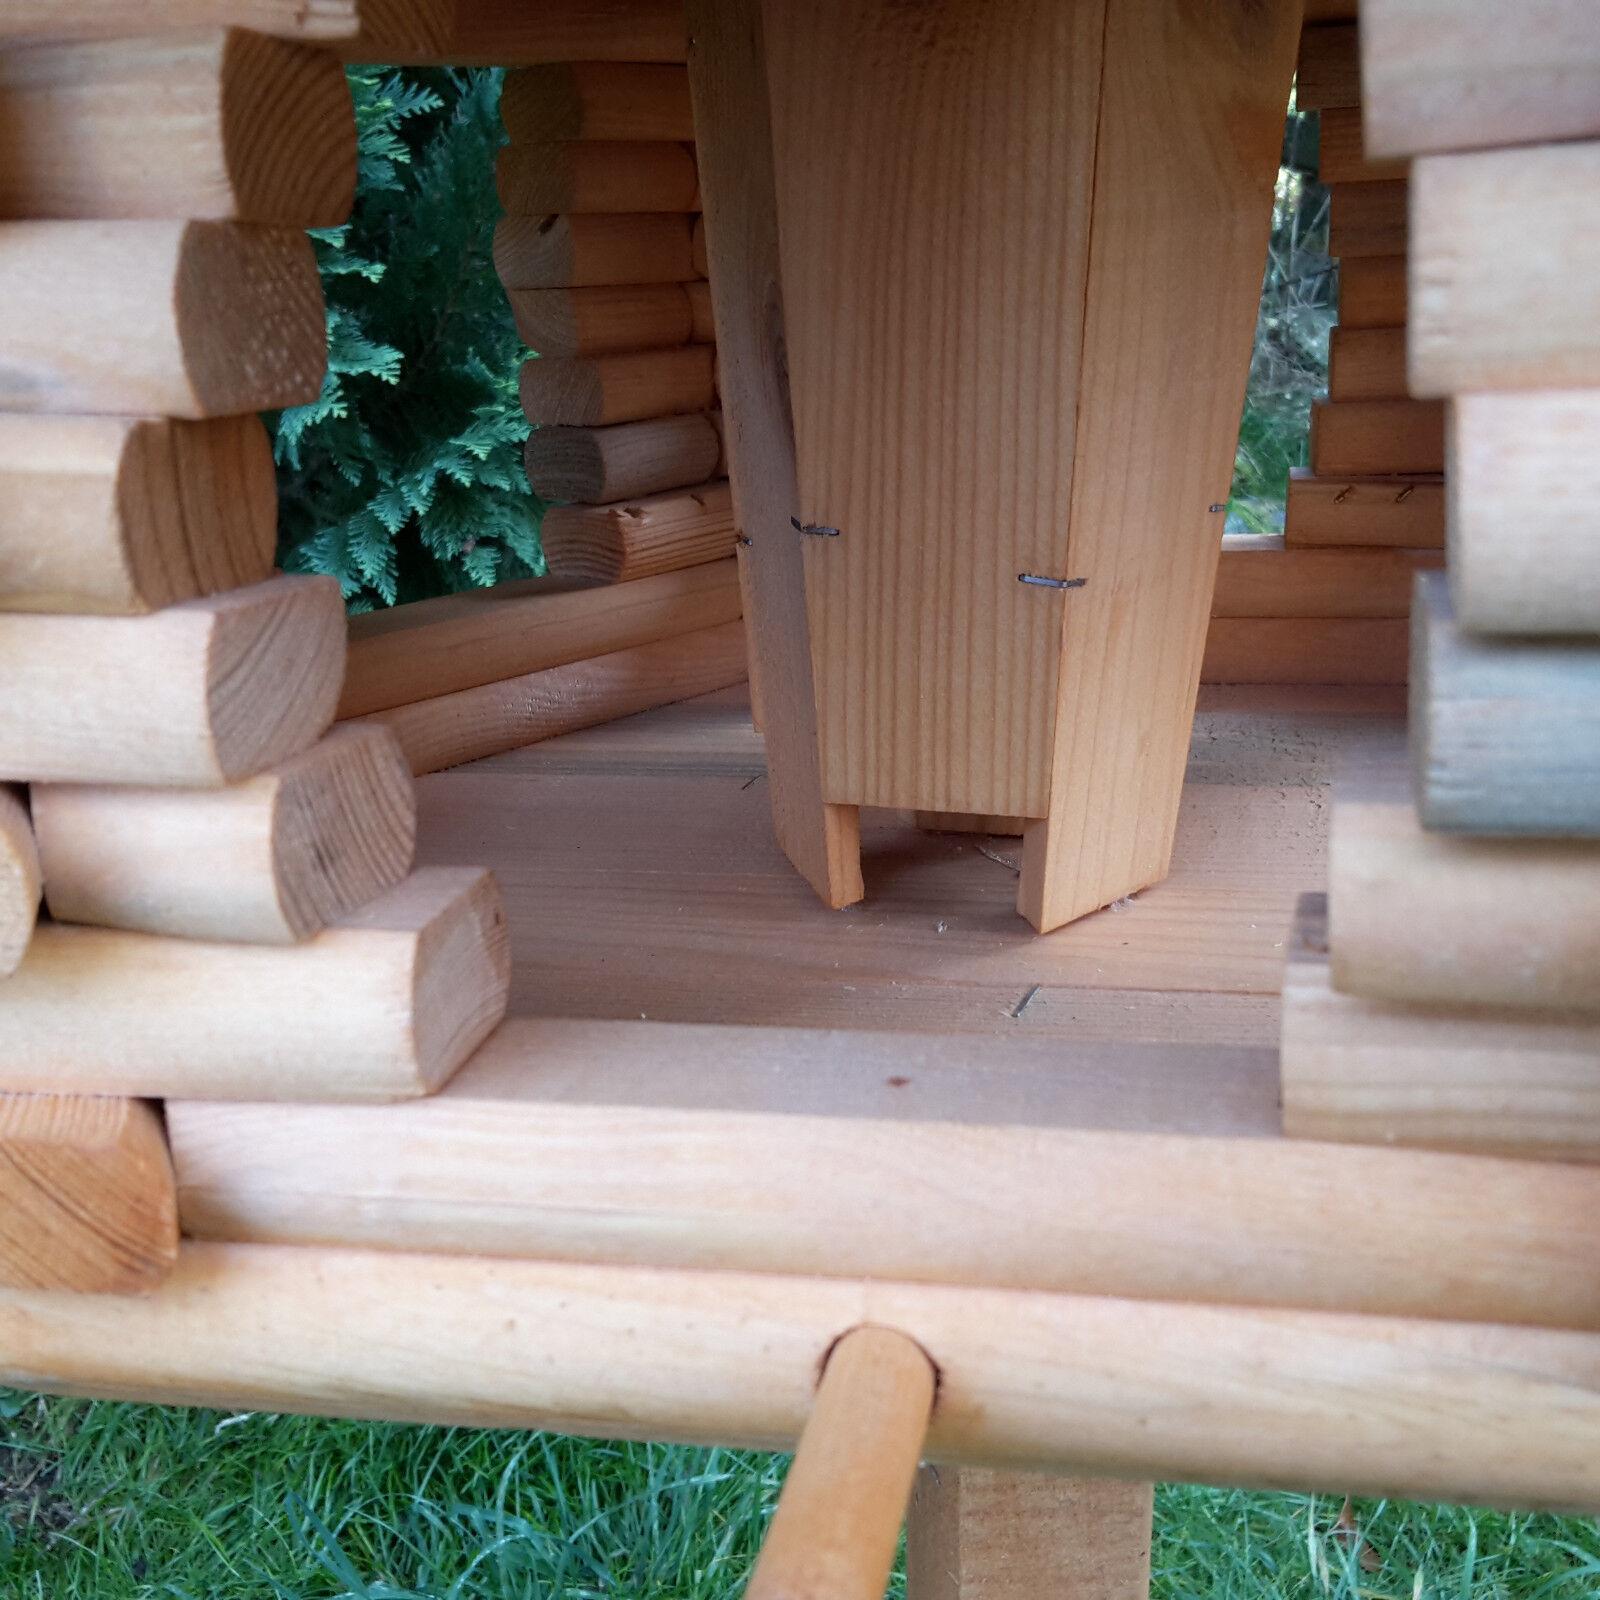 Vogelhaus XXXL 62cm Typ Bayern Vogelhäuser Vogelfutterhaus mit Nistkasten Nistkasten Nistkasten Holz | Hat einen langen Ruf  | Shop  | Am wirtschaftlichsten  e10e5b